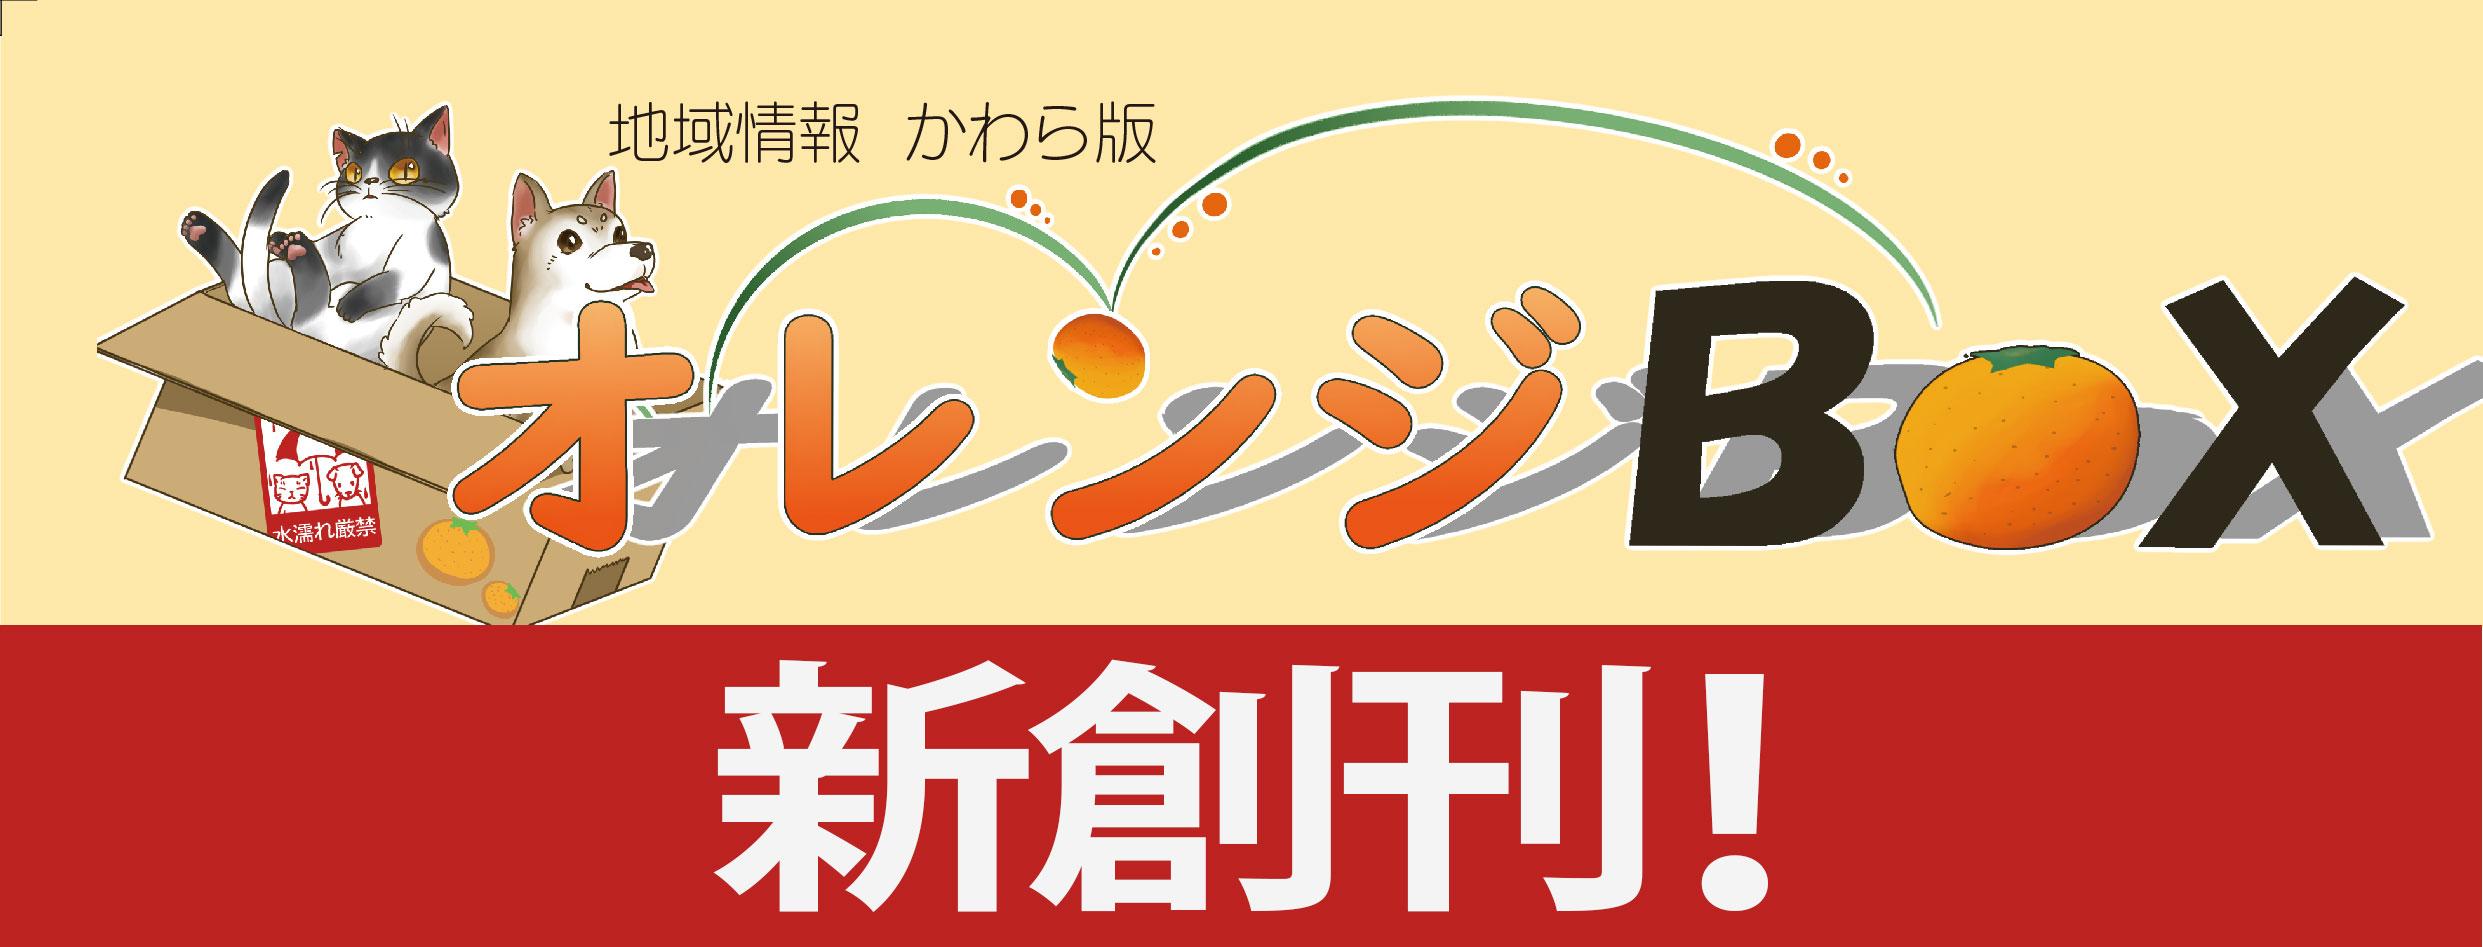 オレンジBOX新創刊